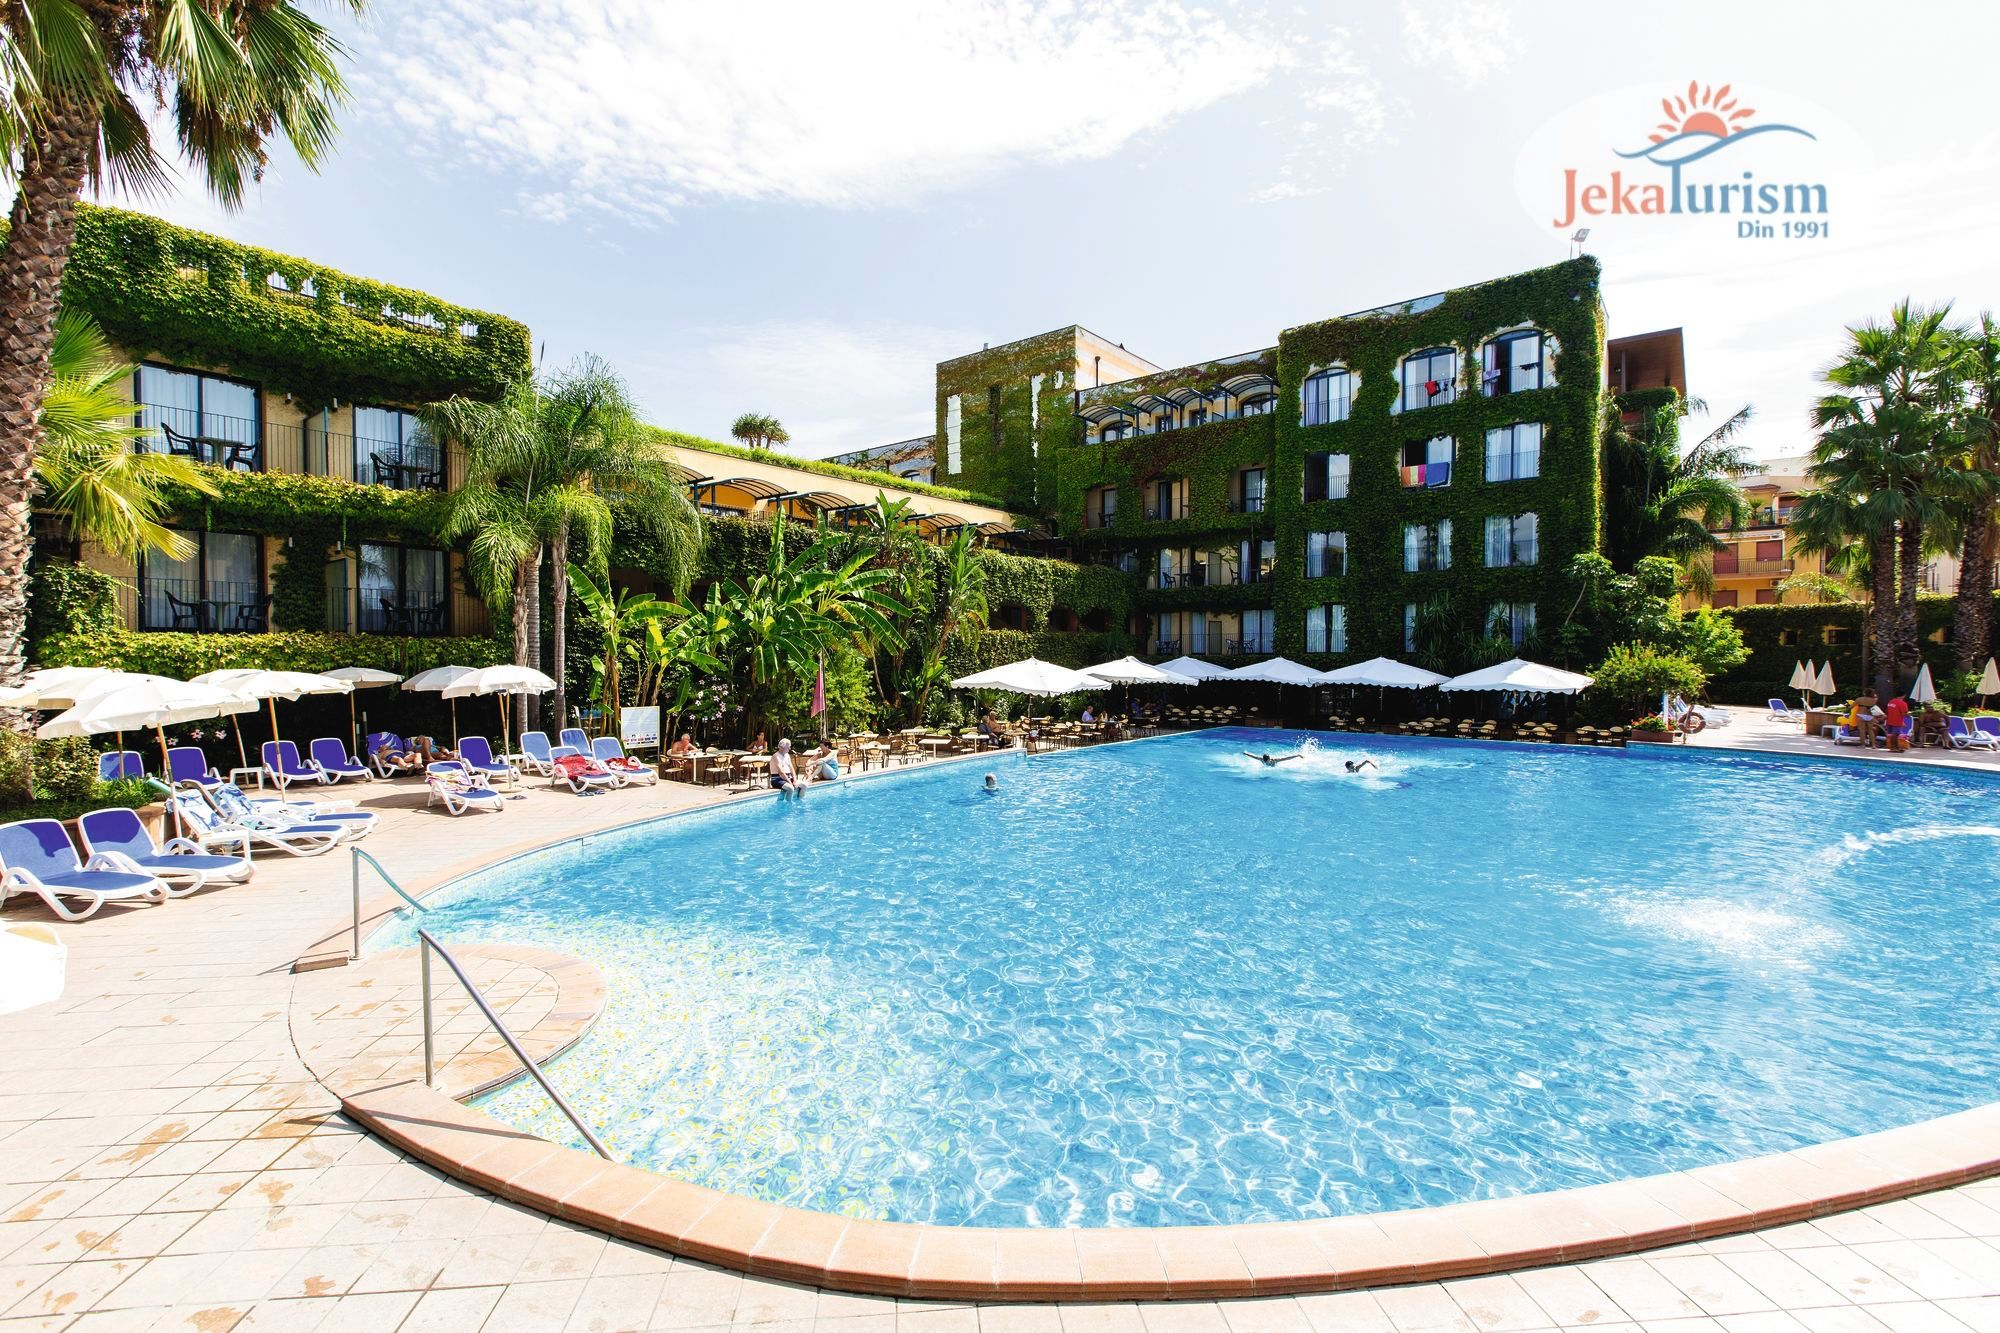 Hotel 𝐂𝐀𝐄𝐒𝐀𝐑 𝐏𝐀𝐋𝐀𝐂𝐄 𝟒*, Sicilia, Italia !!! 5 Reducere